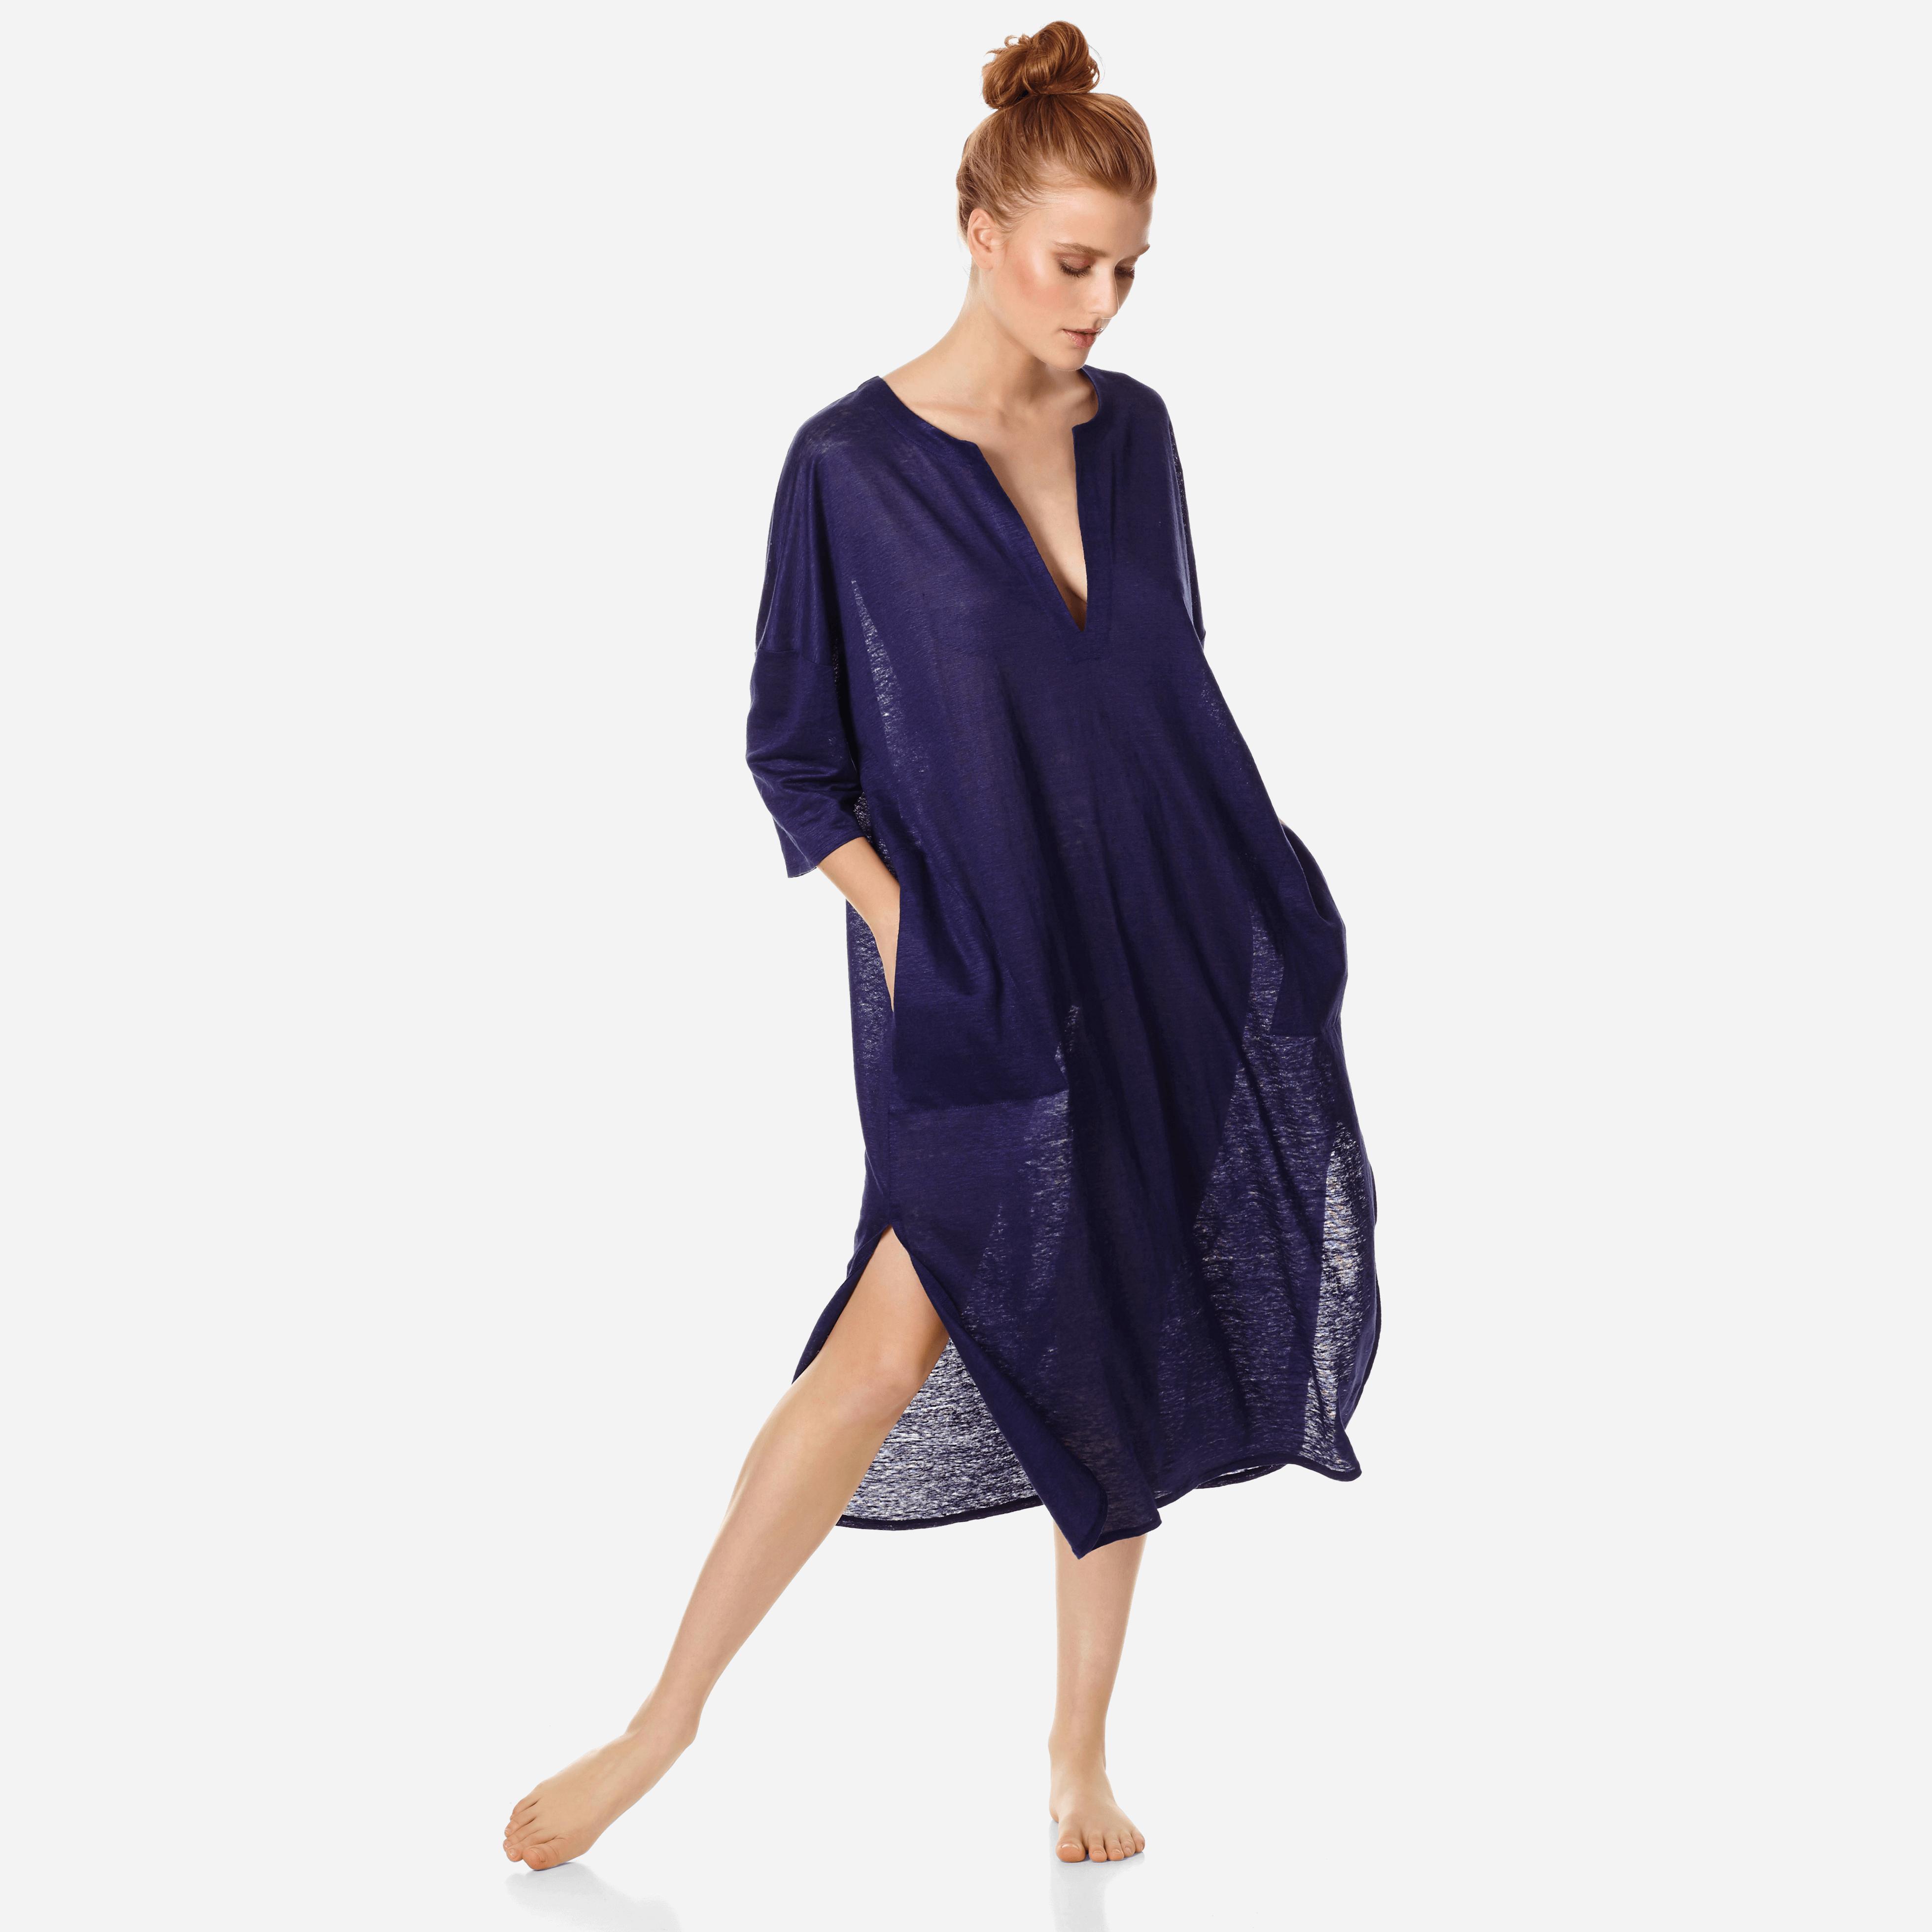 PRET A PORTER FEMME - Robe tunique Longue en jersey de lin Femme unie - COVER-UP - FARLINE - Bleu -